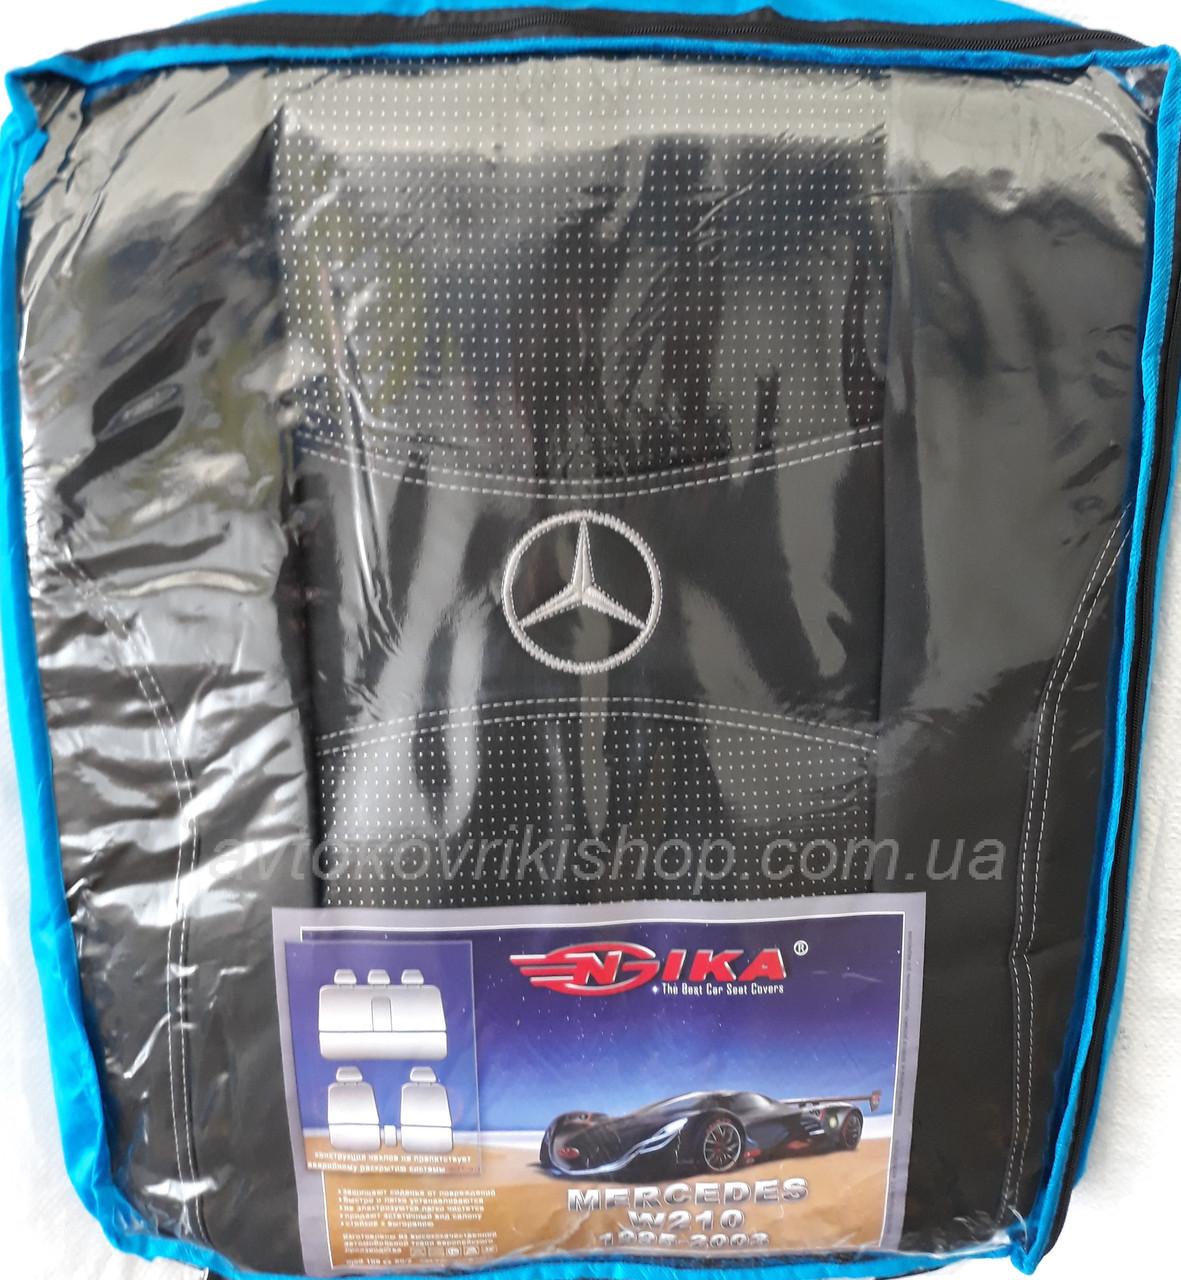 Авточехлы Mercedes-Benz W210 1995-2003 Nika